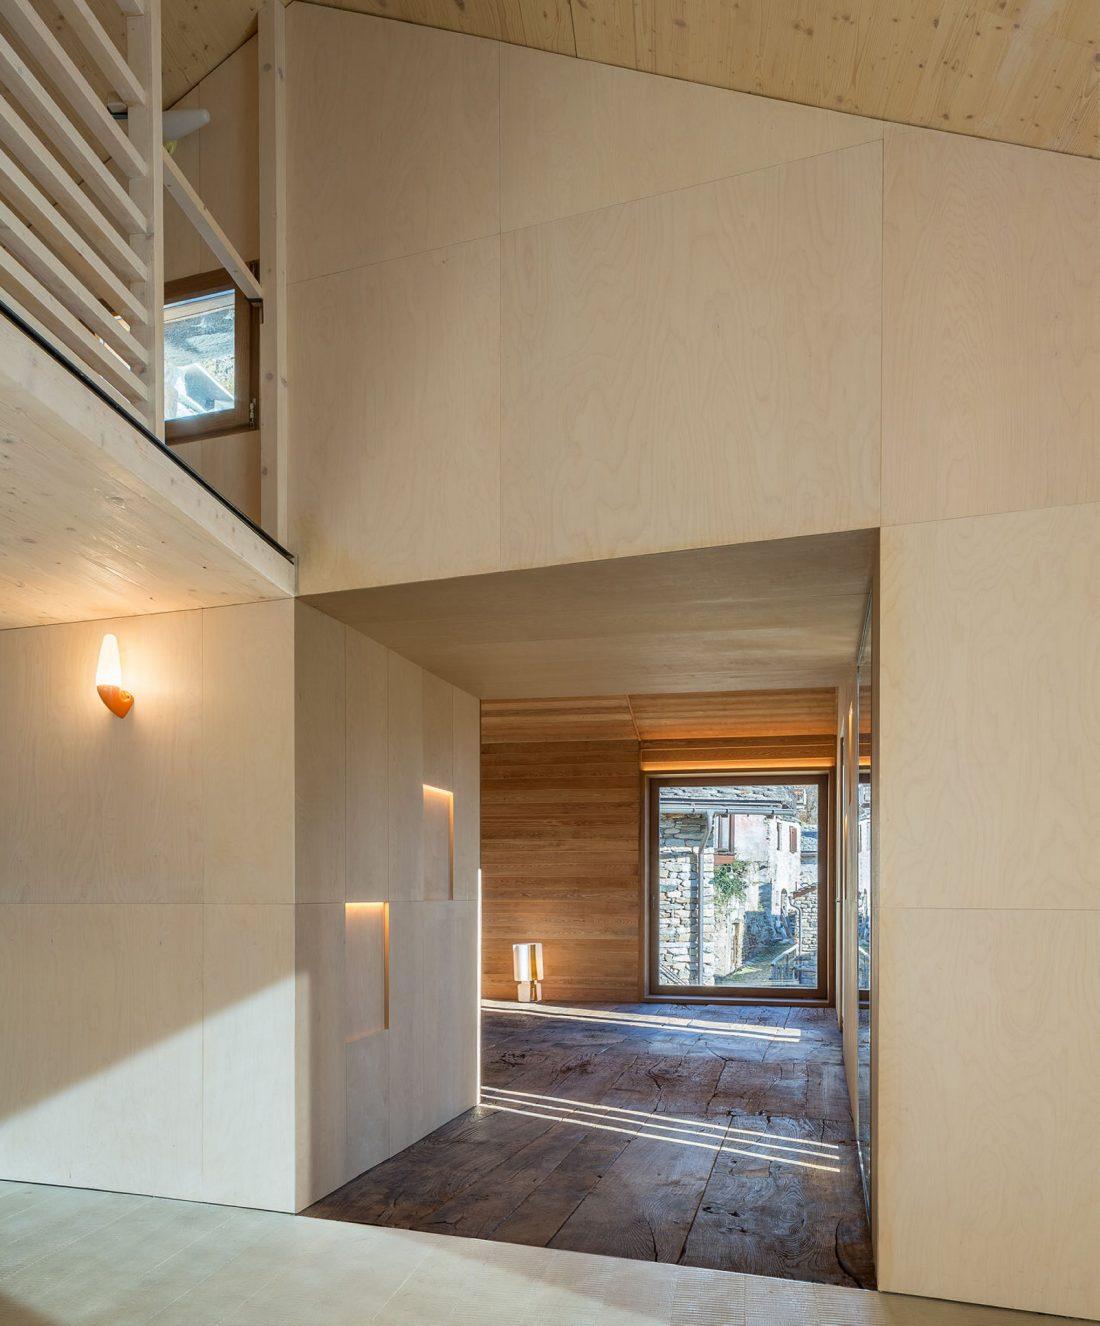 Реставрация старинного дома 16 века в Швейцарии по проекту Vudafieri Saverino Partners 11